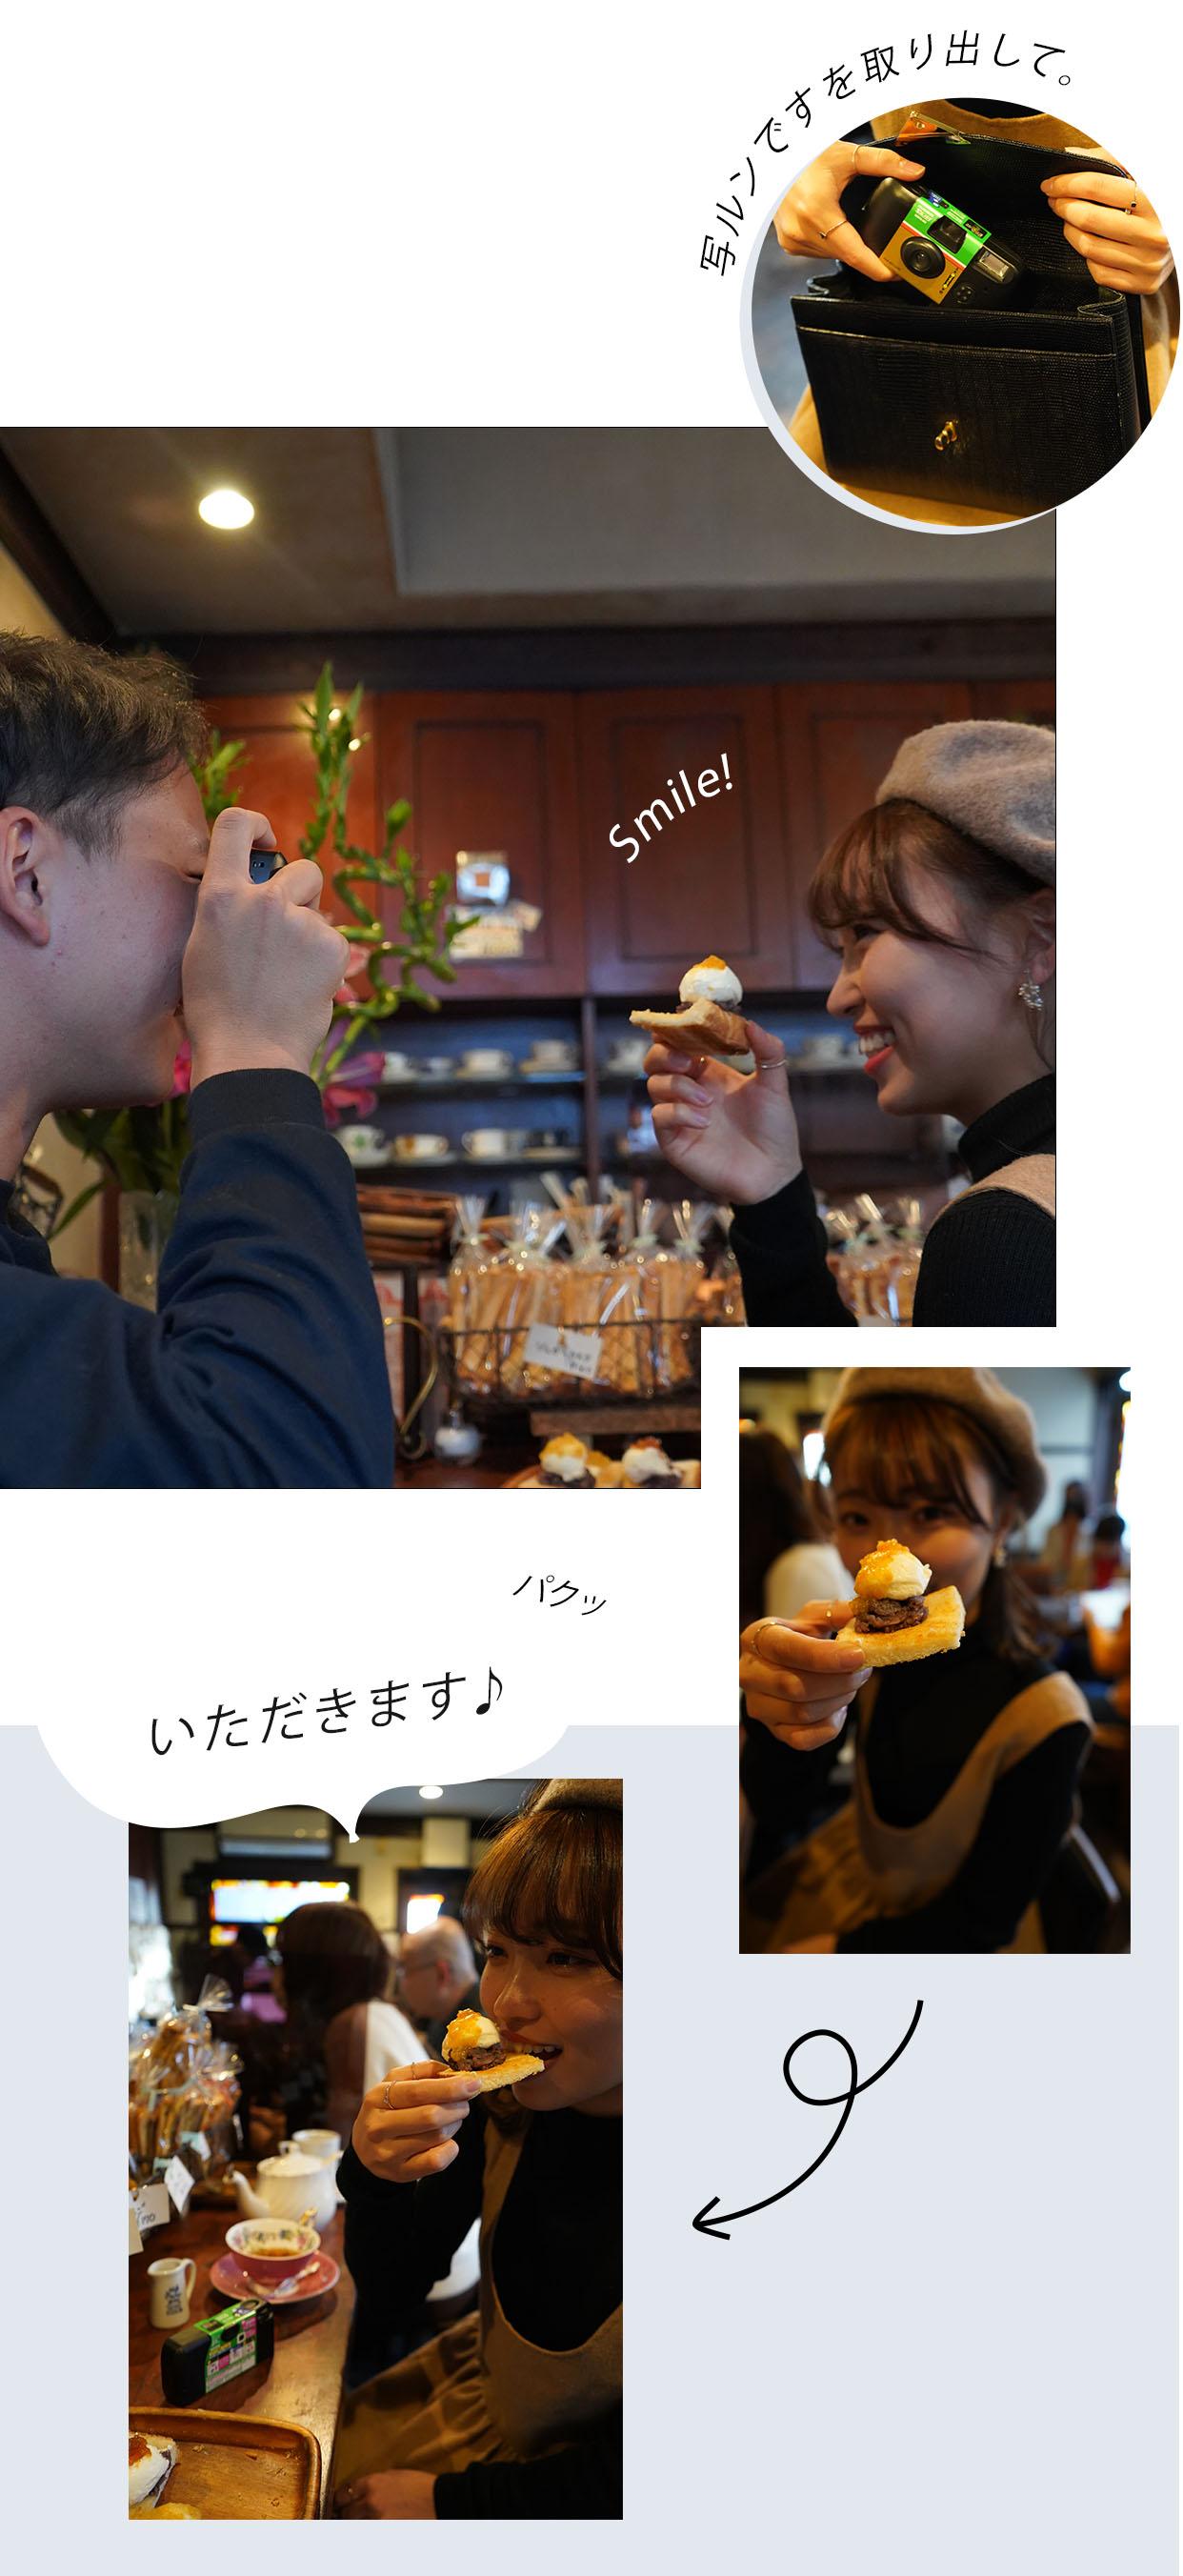 マスター自慢のフルーツコンフィチュールを味わって。「コーヒーハウスかこ花車本店」で過ごす休日。 - B5E2C165 8DBE 4C1C 88F7 489B2E0CB9D6